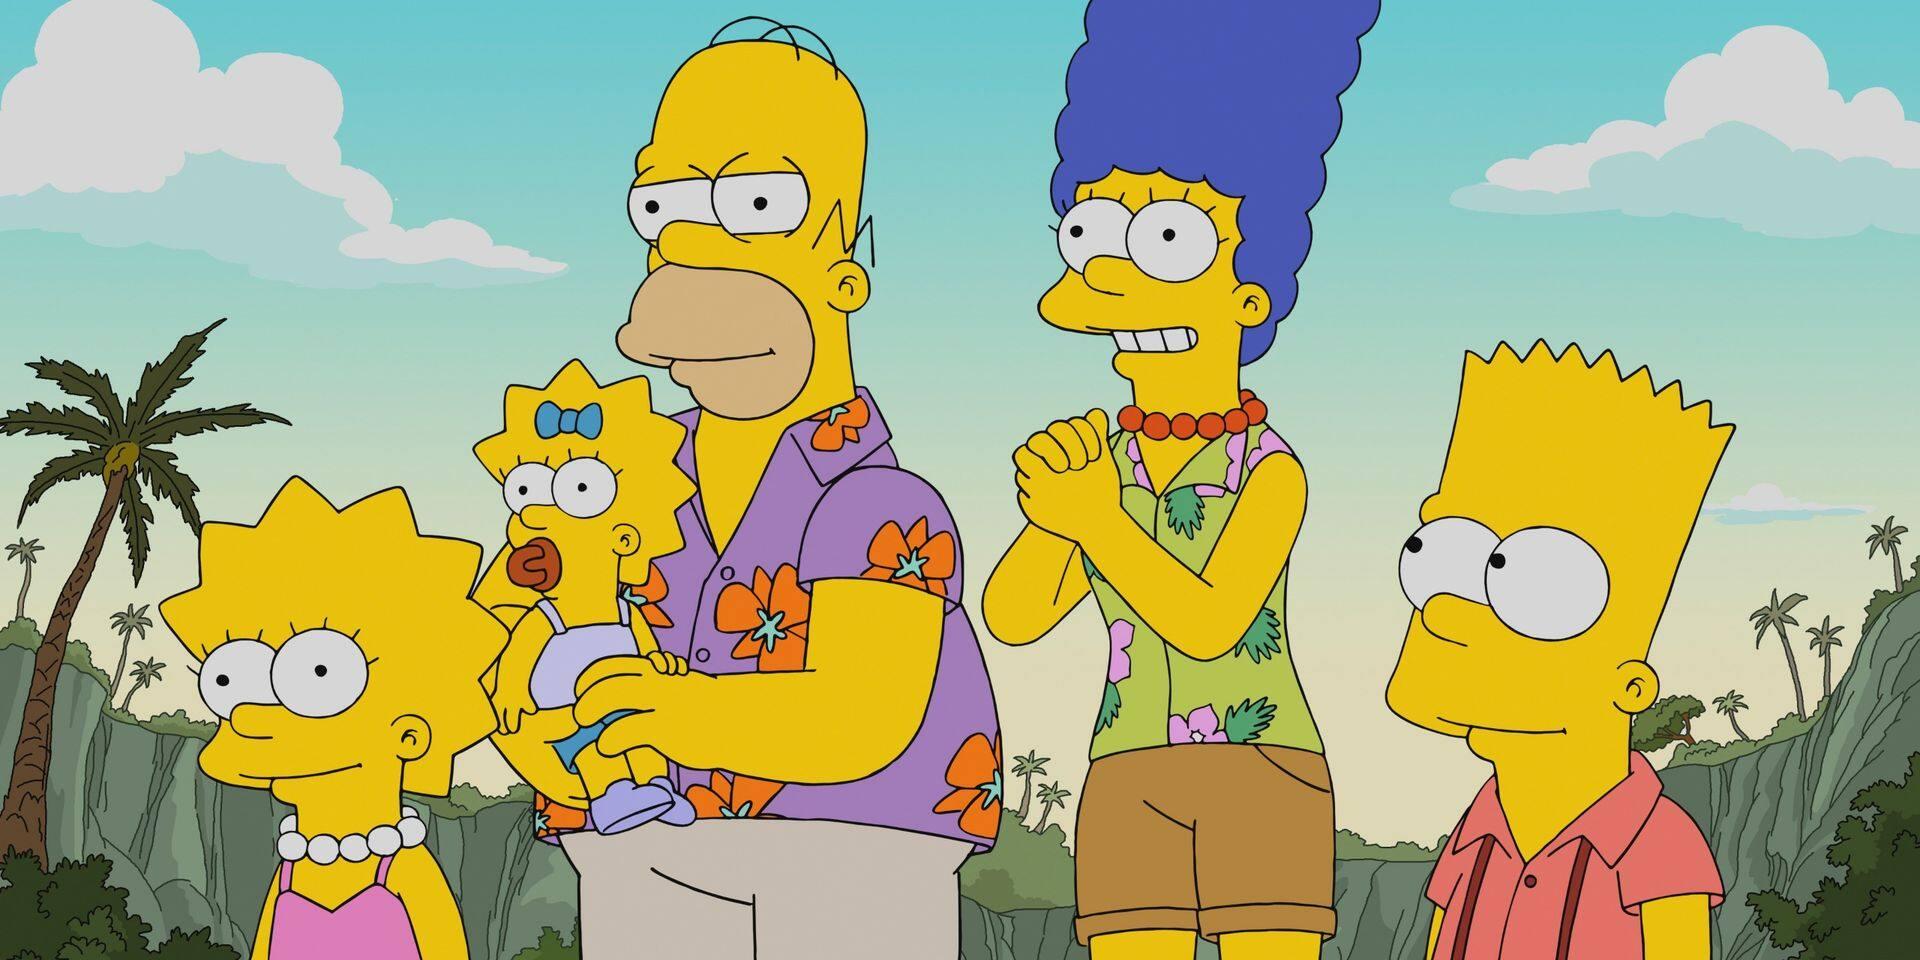 Il y a 30 ans, les Simpson débarquaient à la télé: 10 anecdotes sur le dessin animé